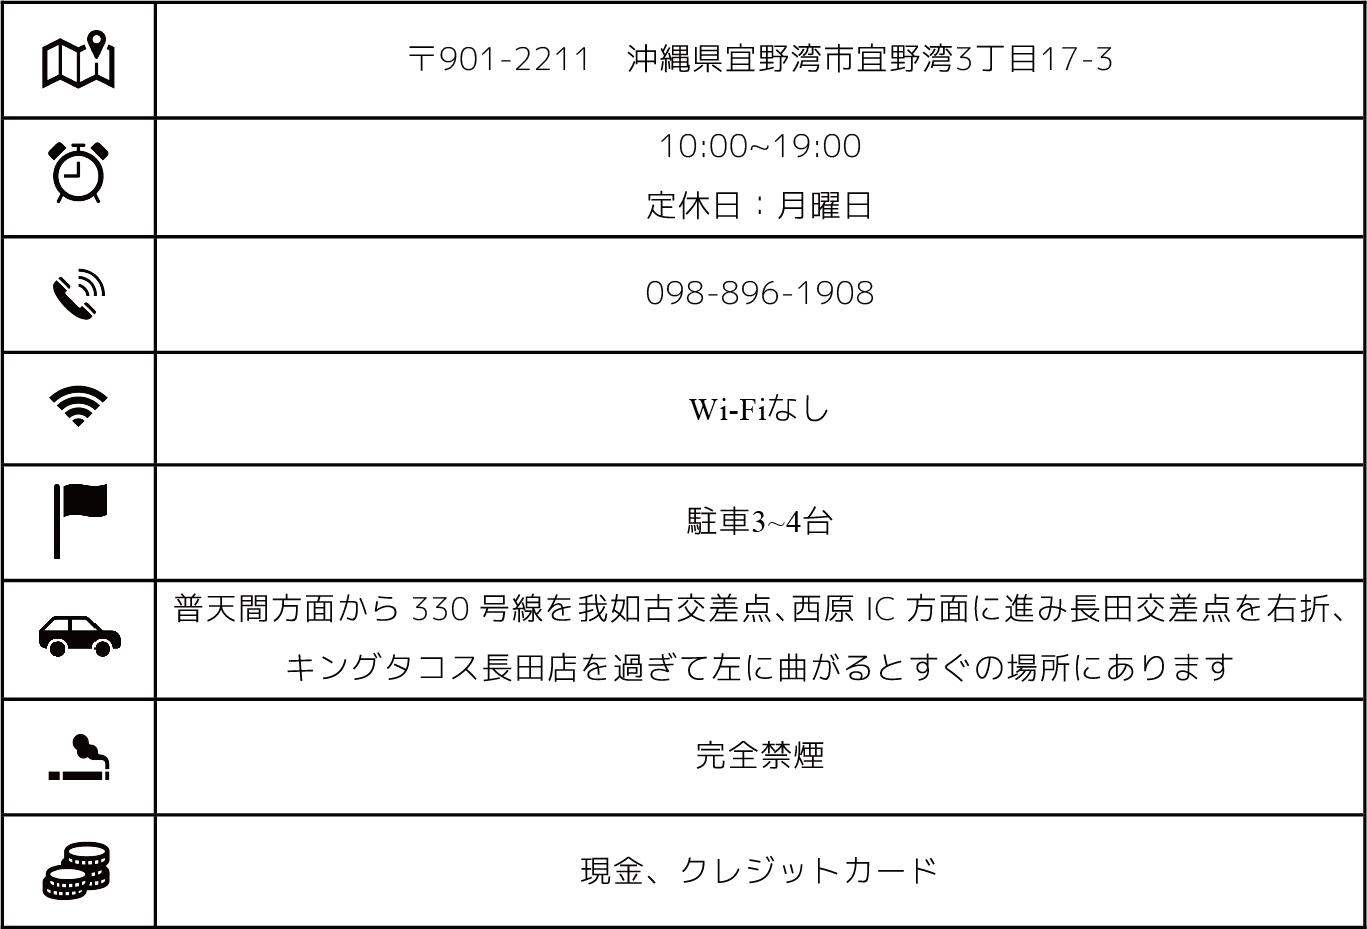 宜野湾のカフェ+珈琲焙煎店「YAMADA COFFEE OKINAWA 山田珈琲 沖縄」の基本情報